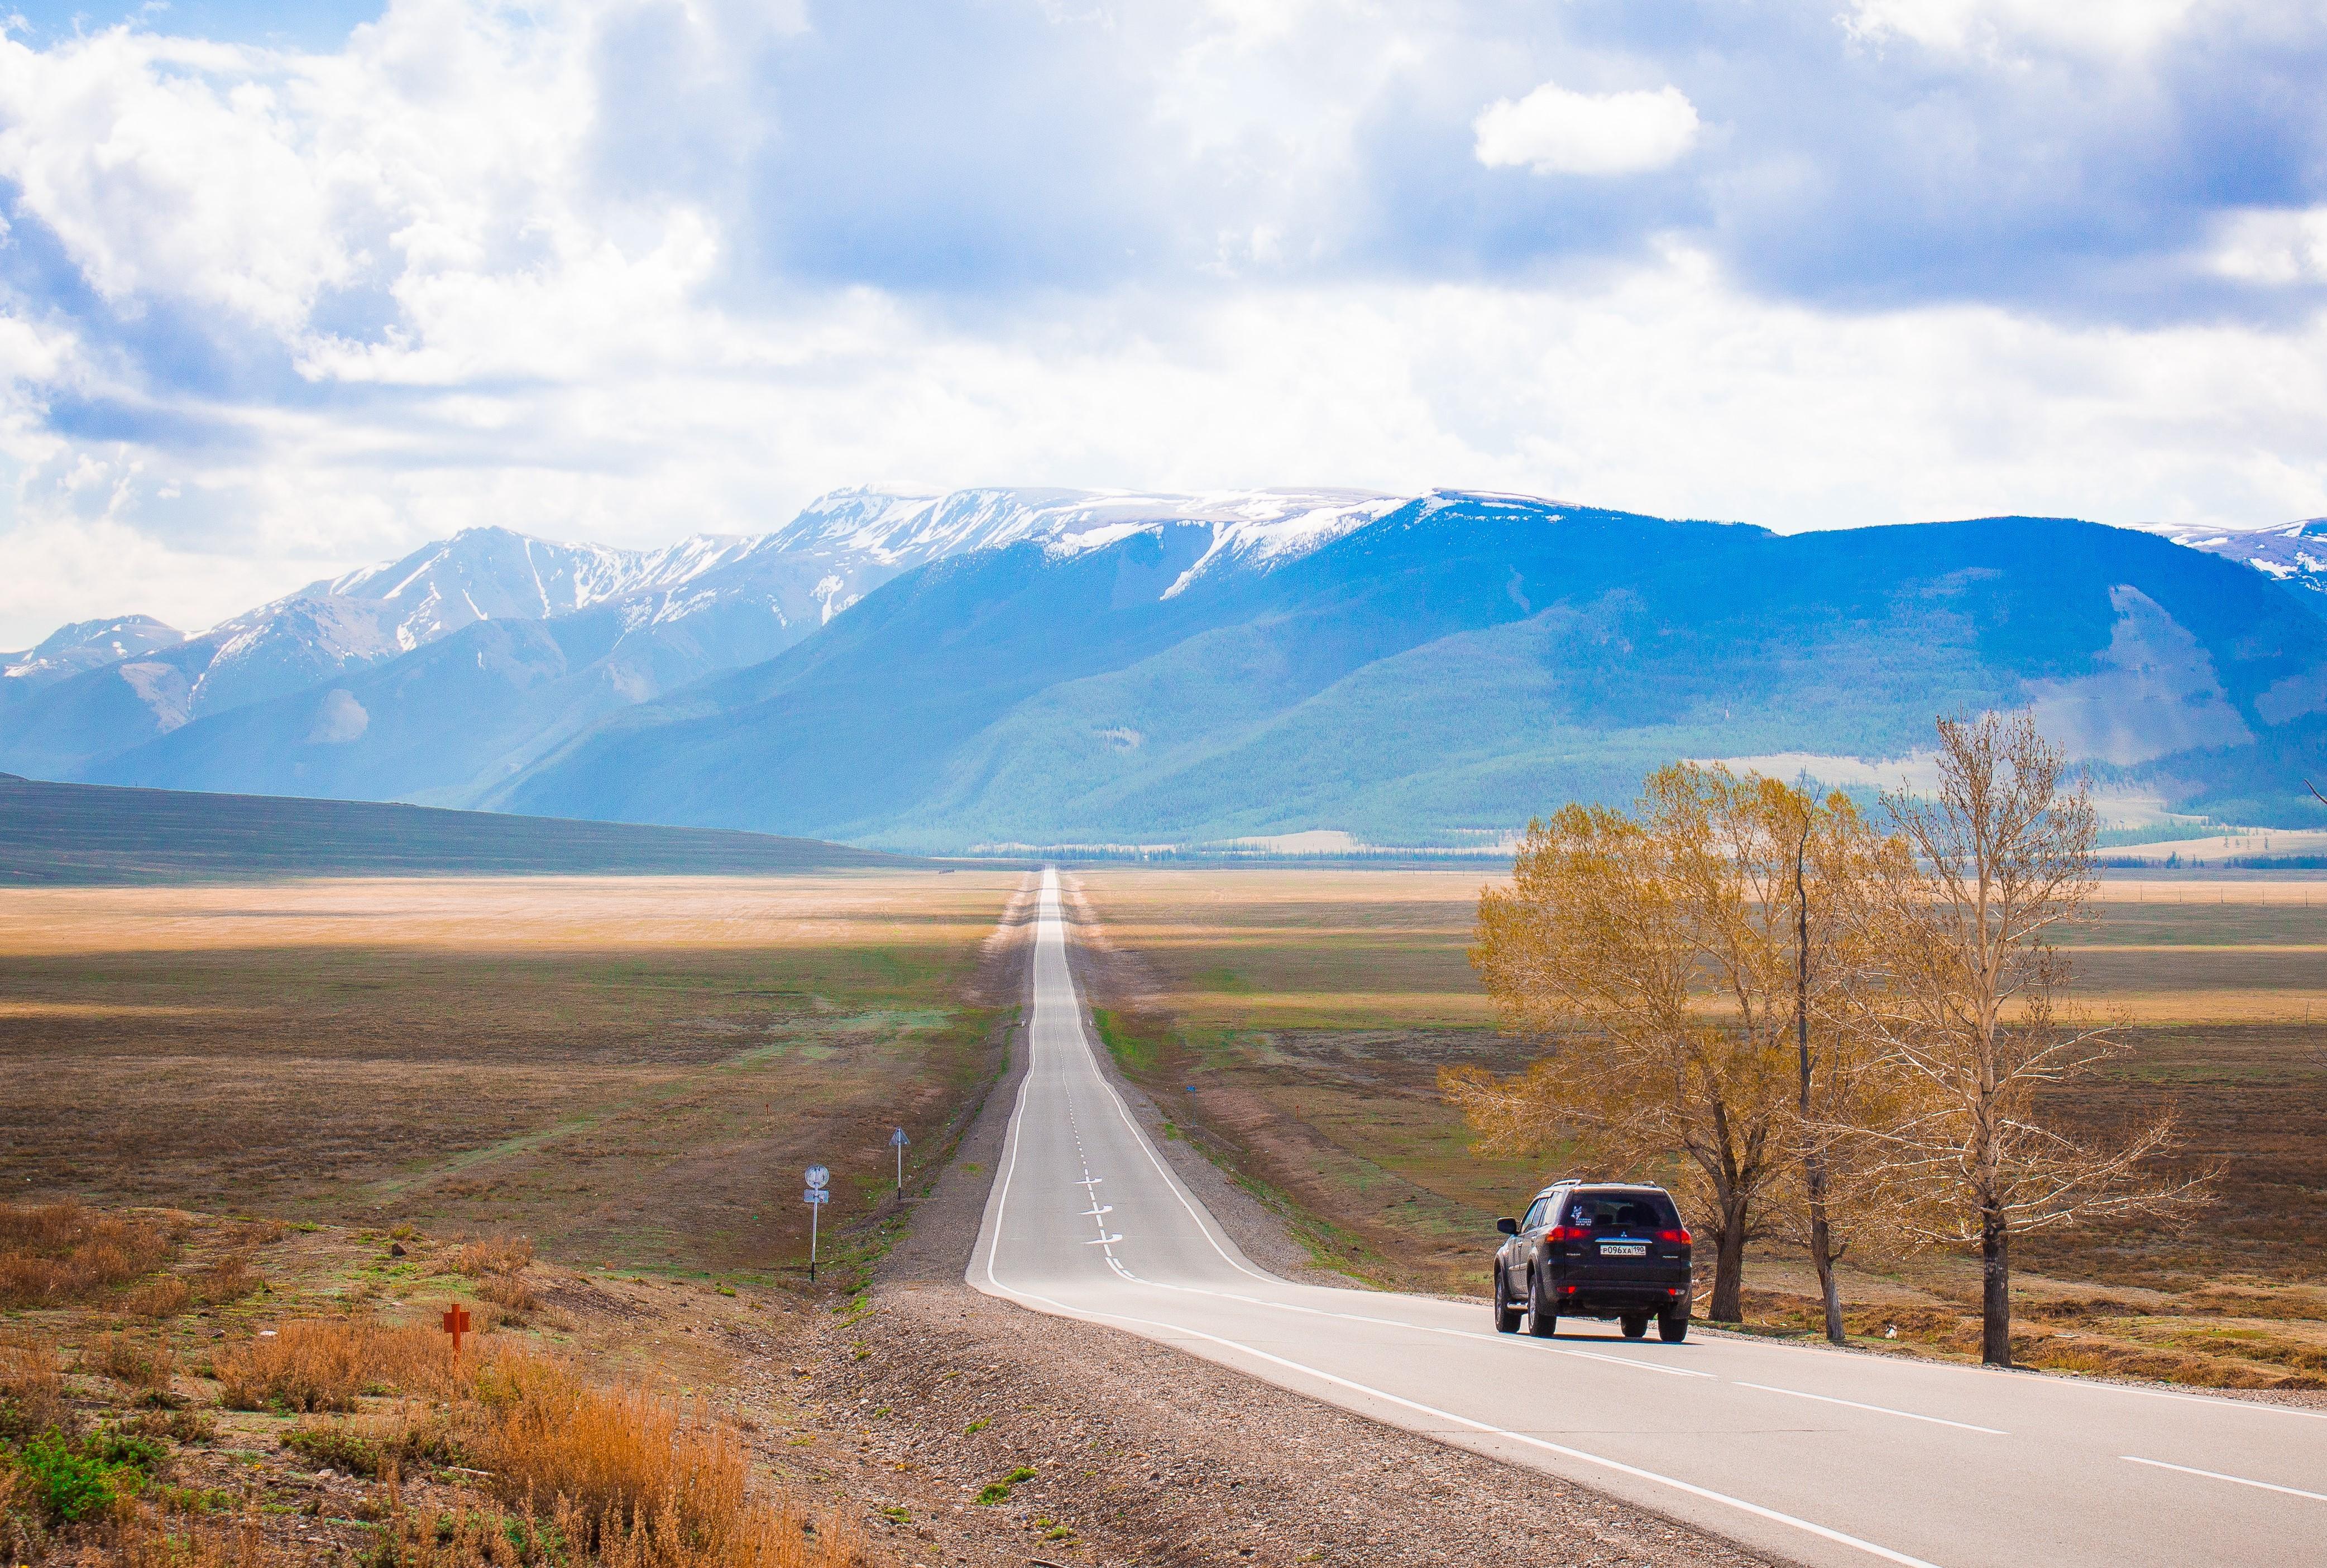 Чуйский тракт в Алтайском крае обеспечат мобильной связью на 100% к 2021 году